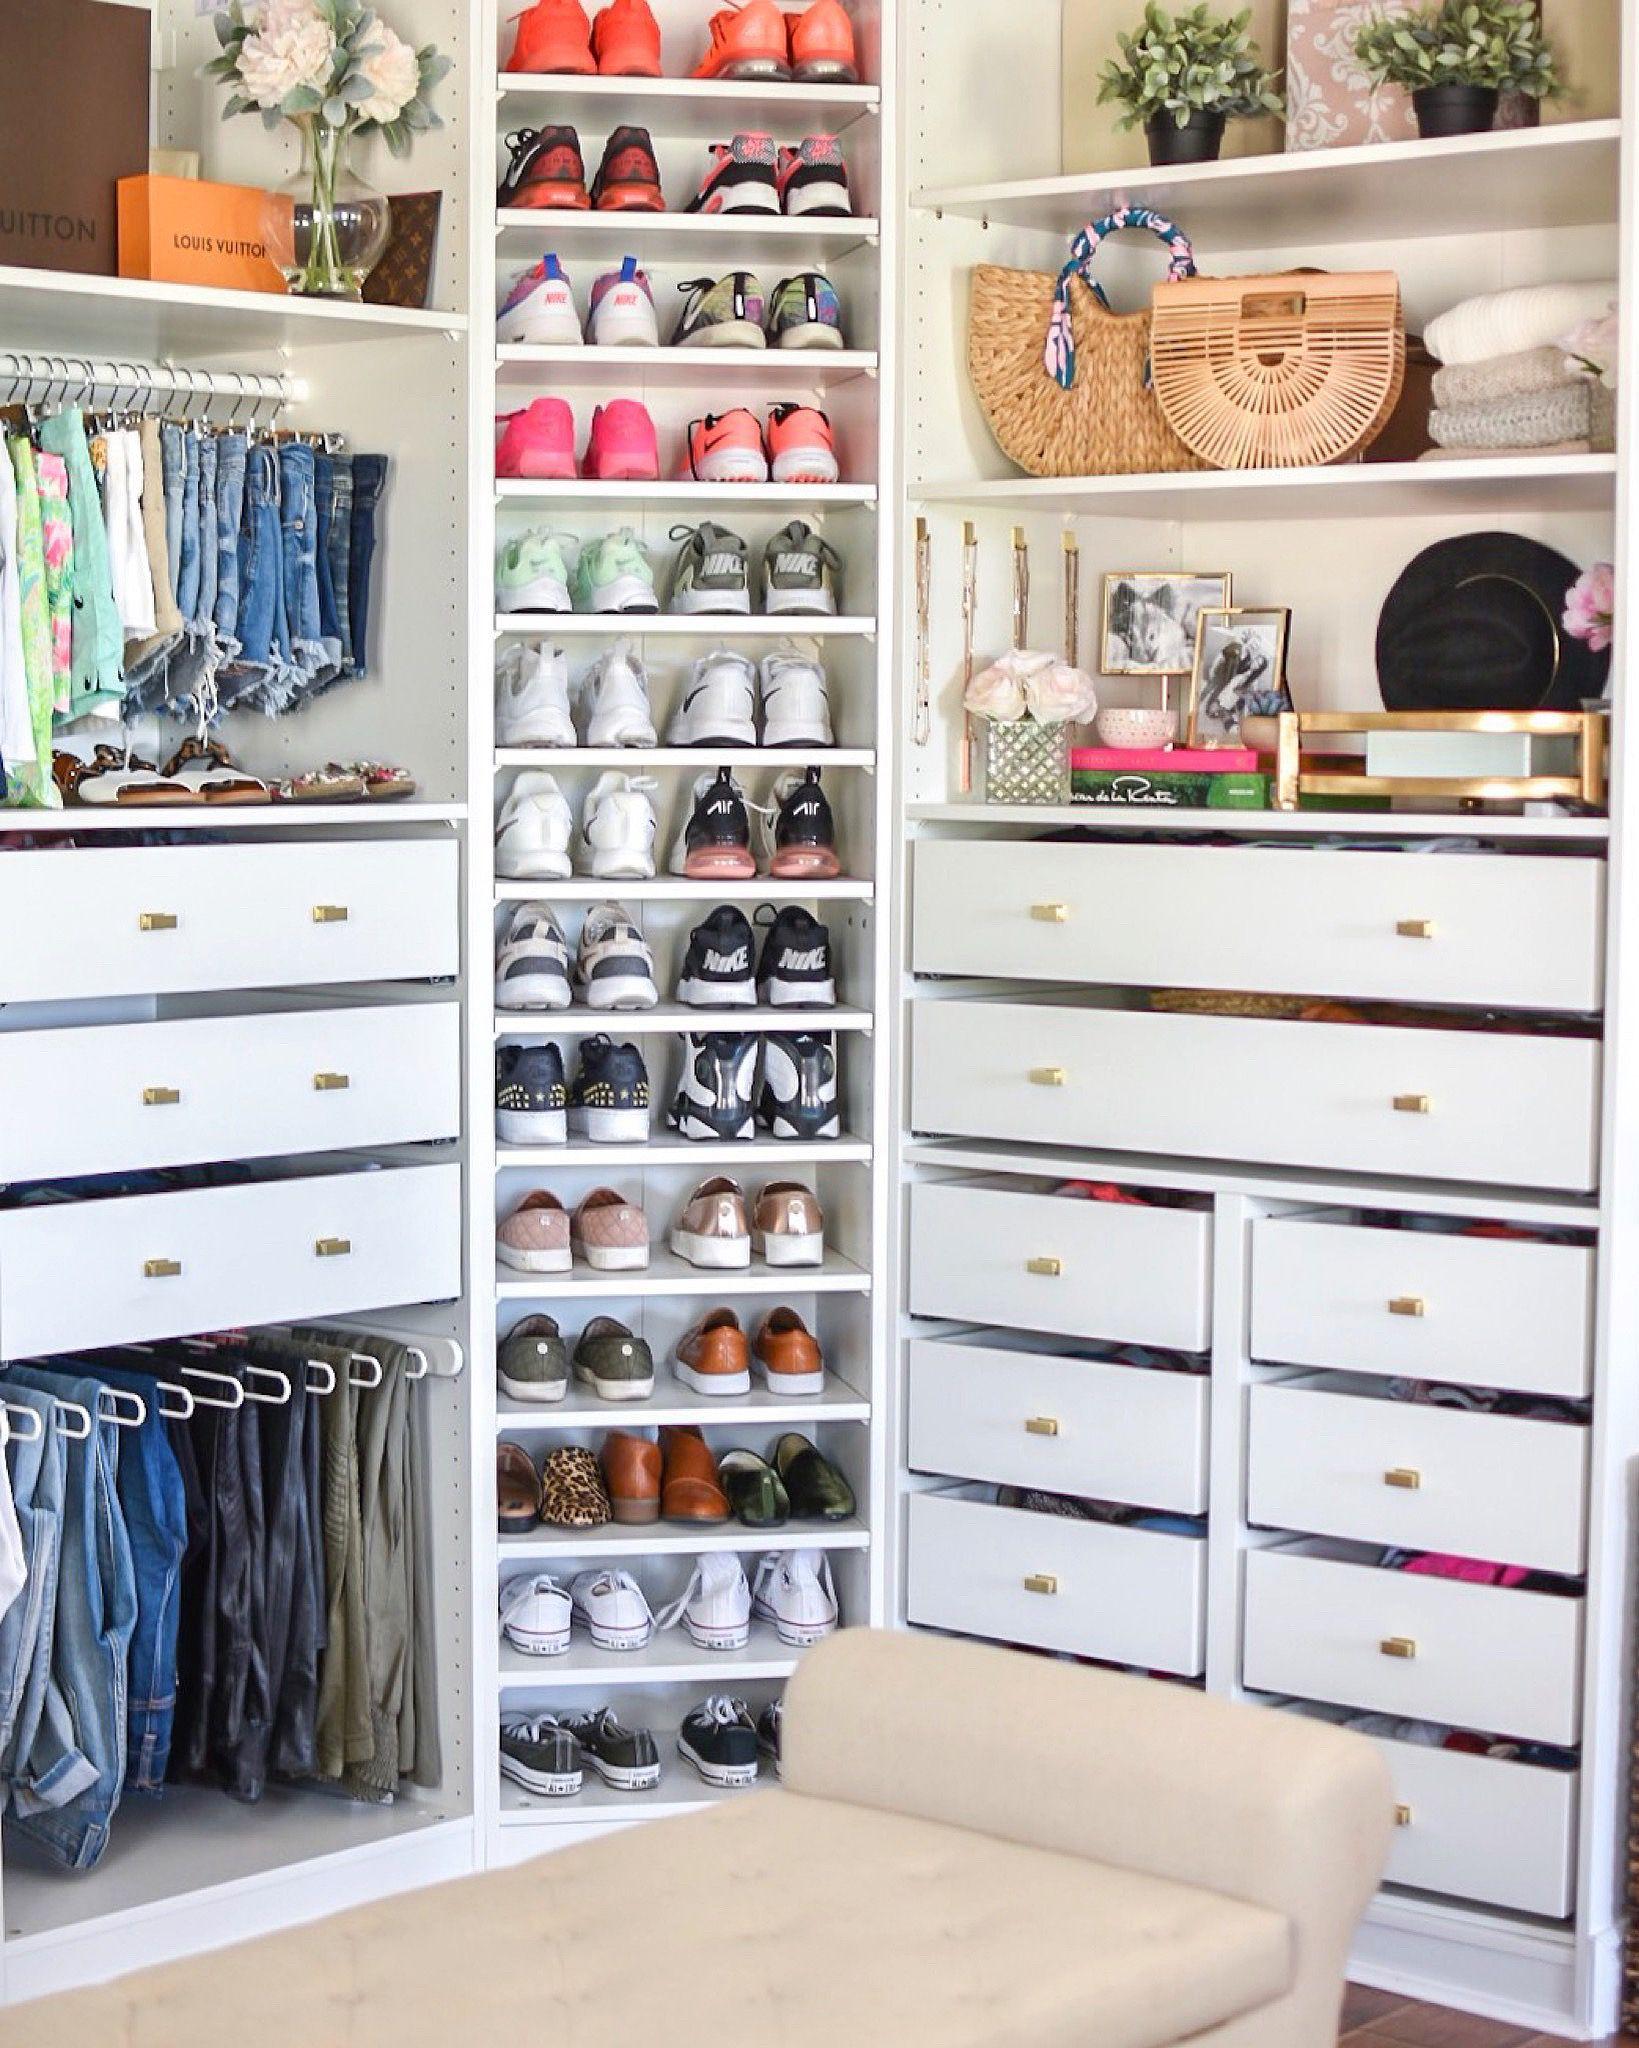 Shop Dogs Design Closet Renovation Master Closet Design Closet Layout